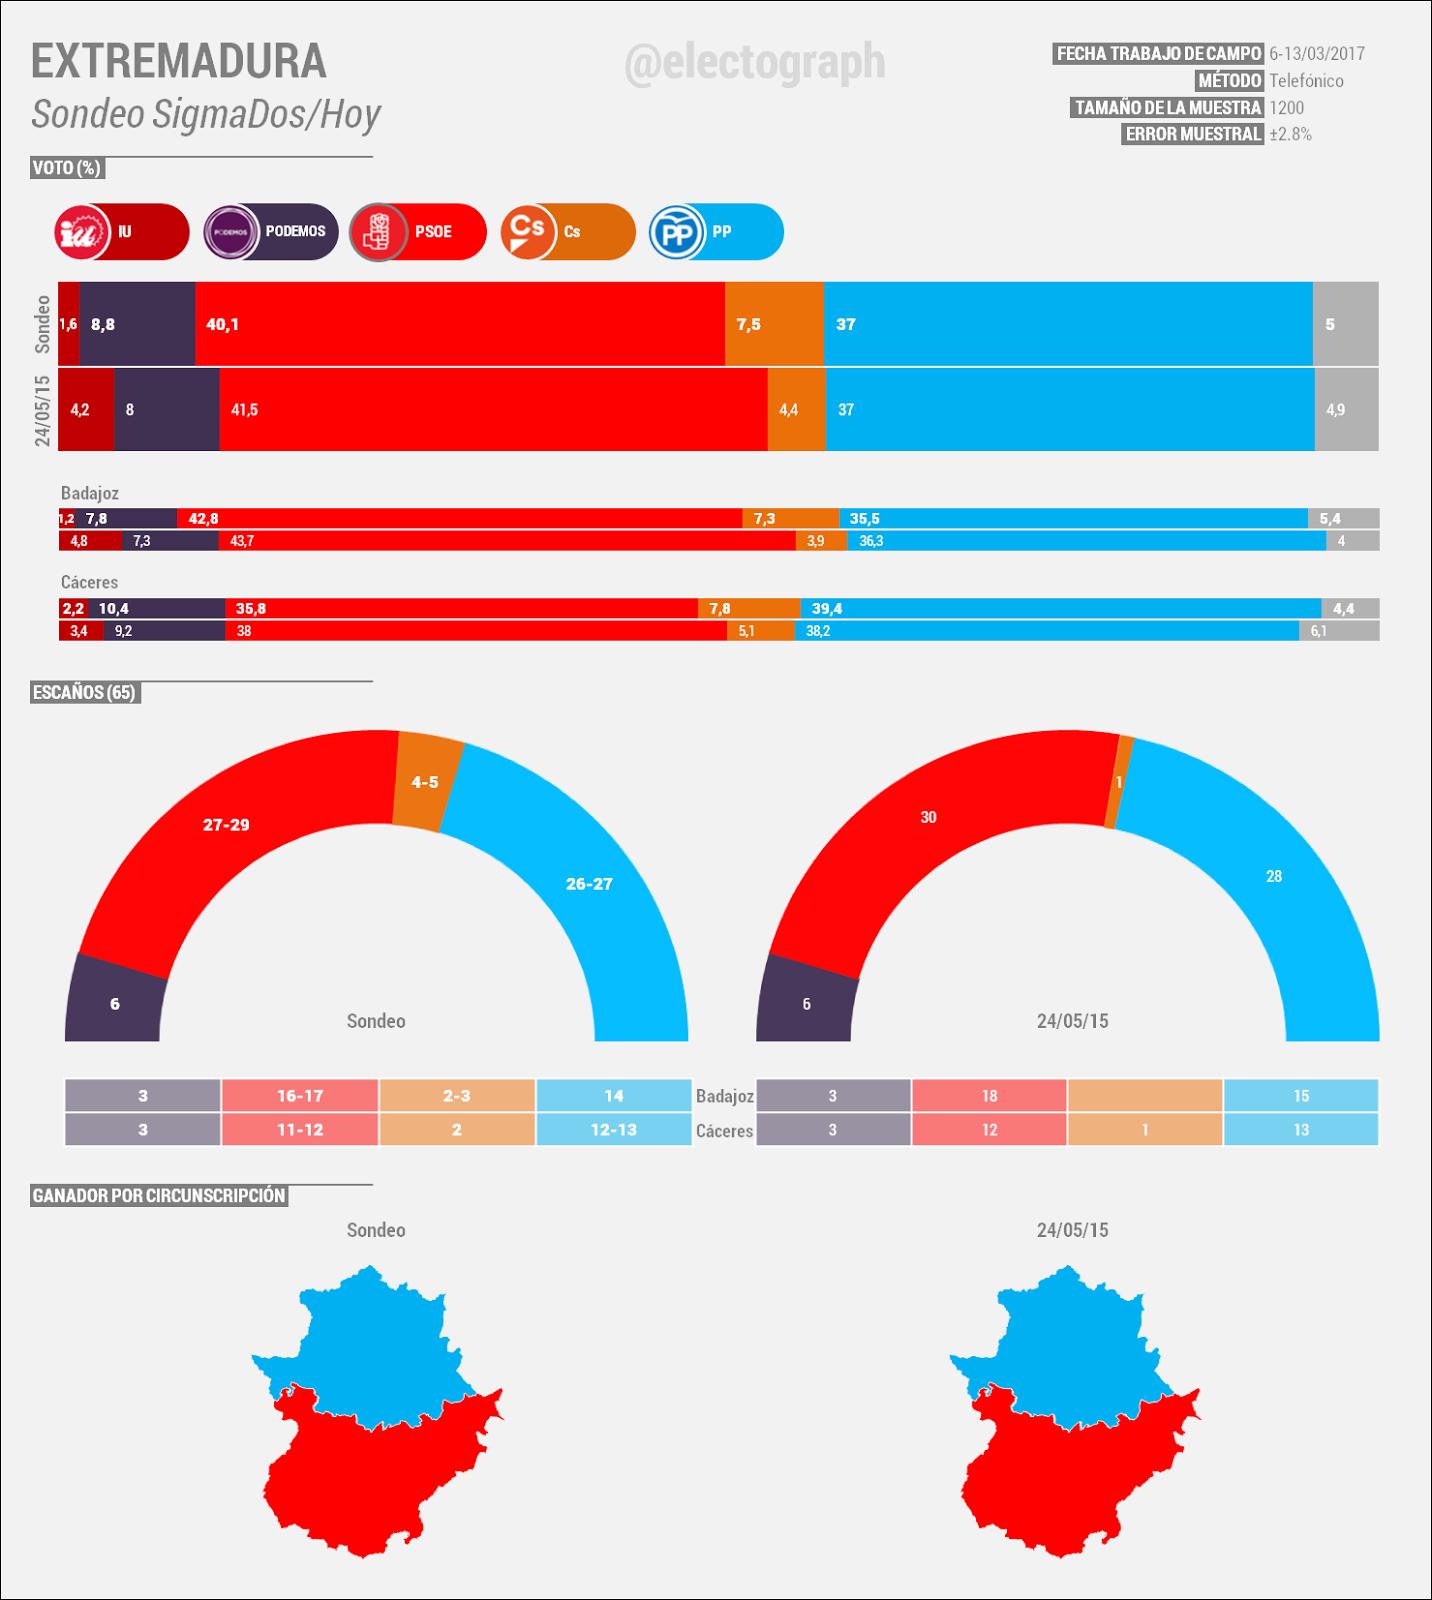 Encuestas de Extremadura EXT_170318_SigmaDos